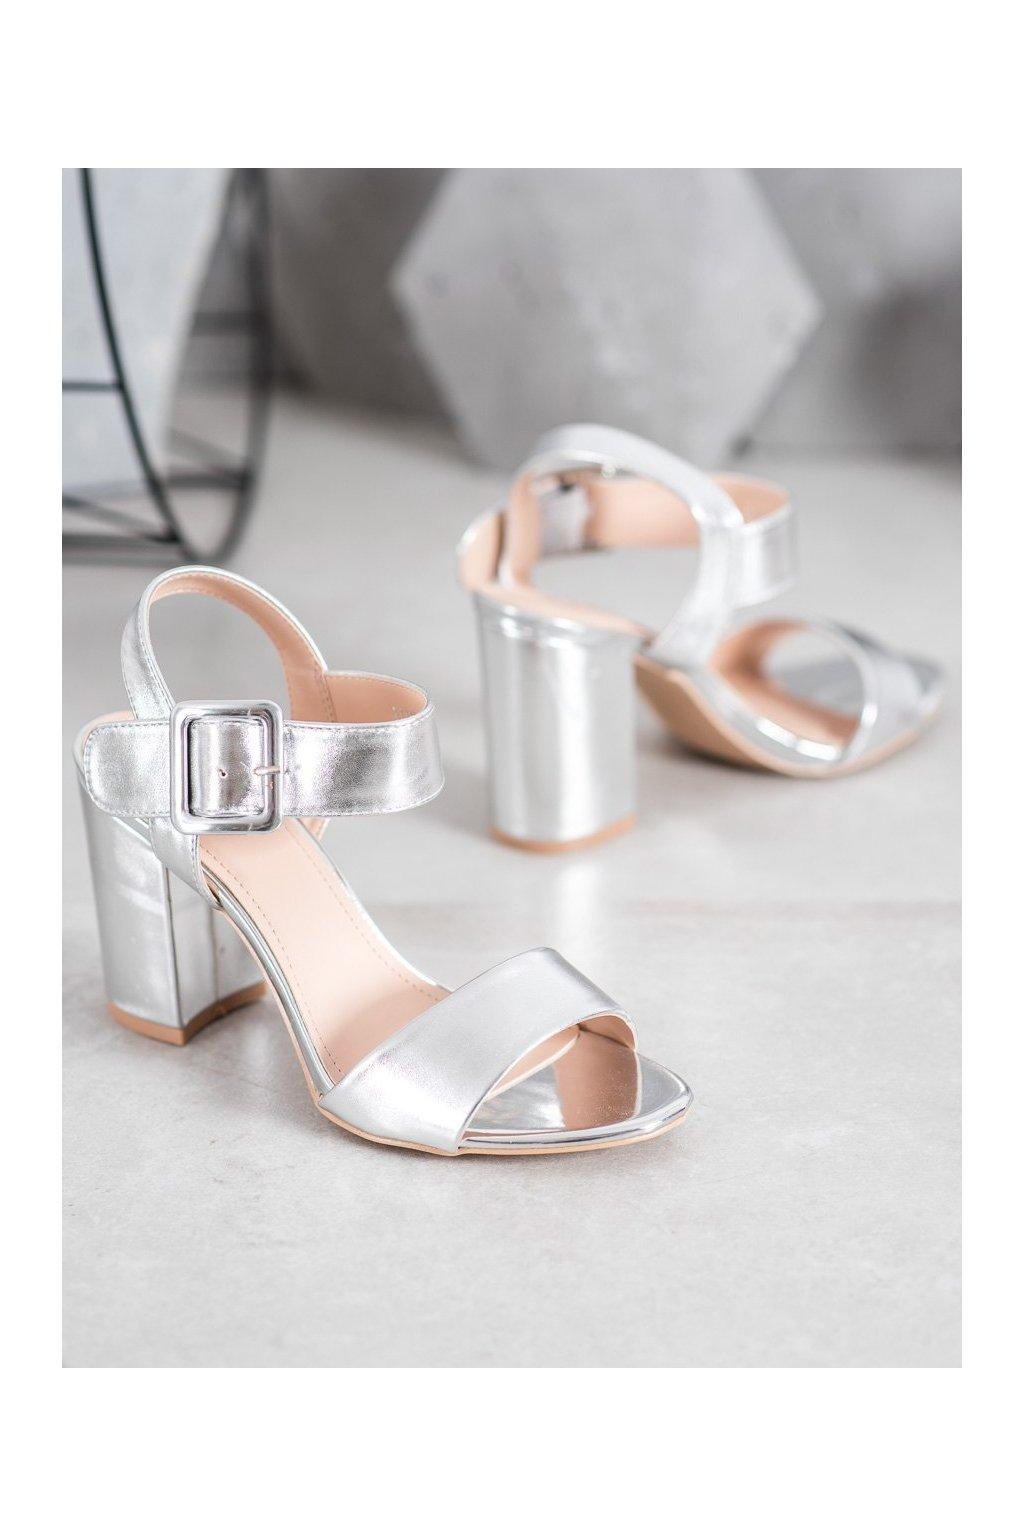 Sivé sandále na podpätku NJSK S1765S